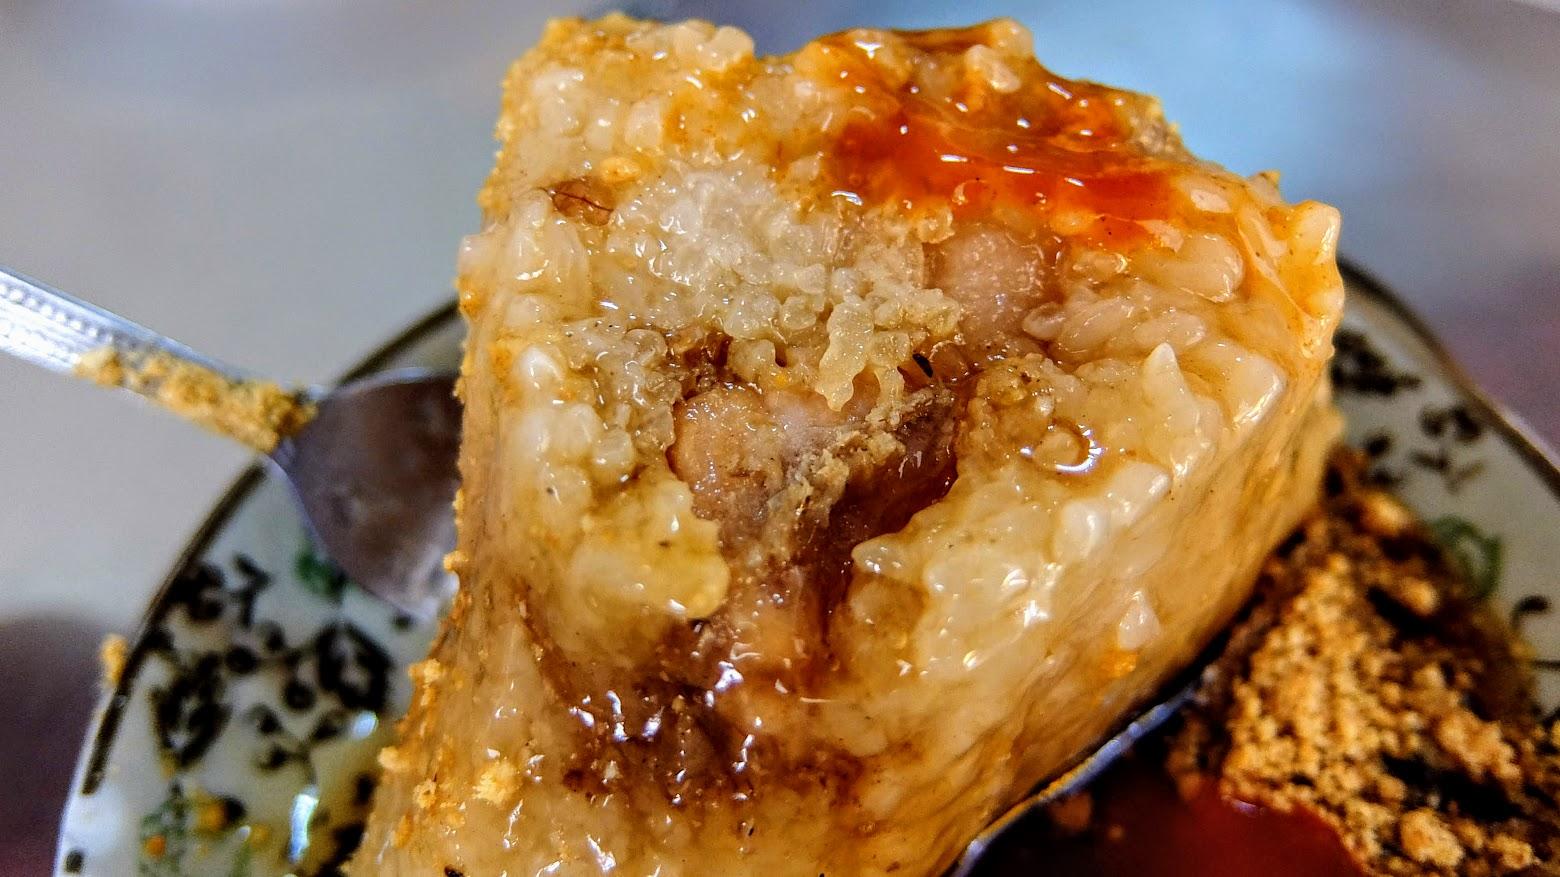 外面有花生粉,米粒部分比較鬆軟,而非扎實的口感,中間有包豬肉,大塊且沒過多調味